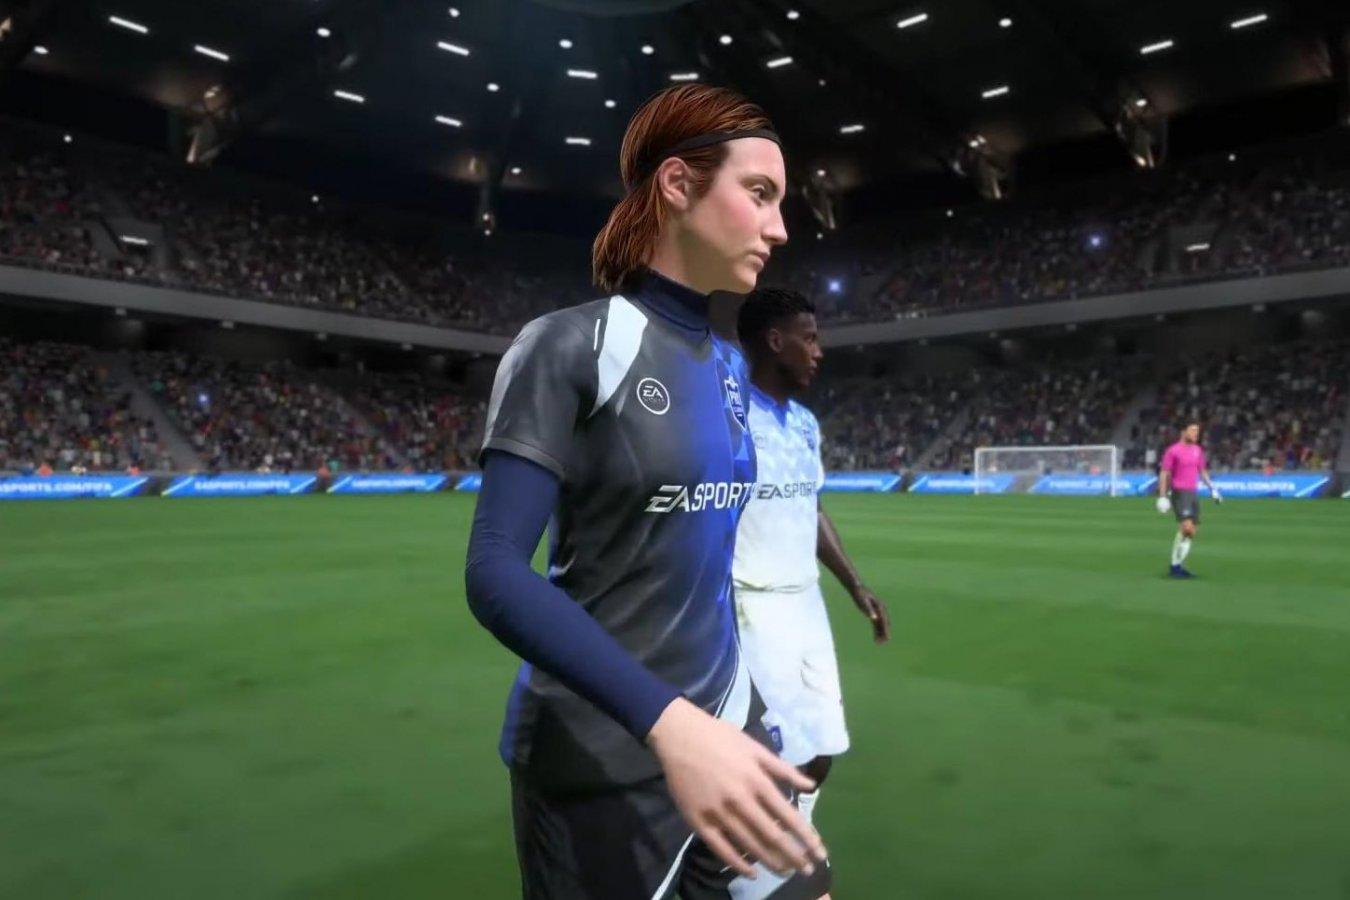 В FIFA 22 появятся девушки-футболисты — можно будет создать Коваленко или Карпову